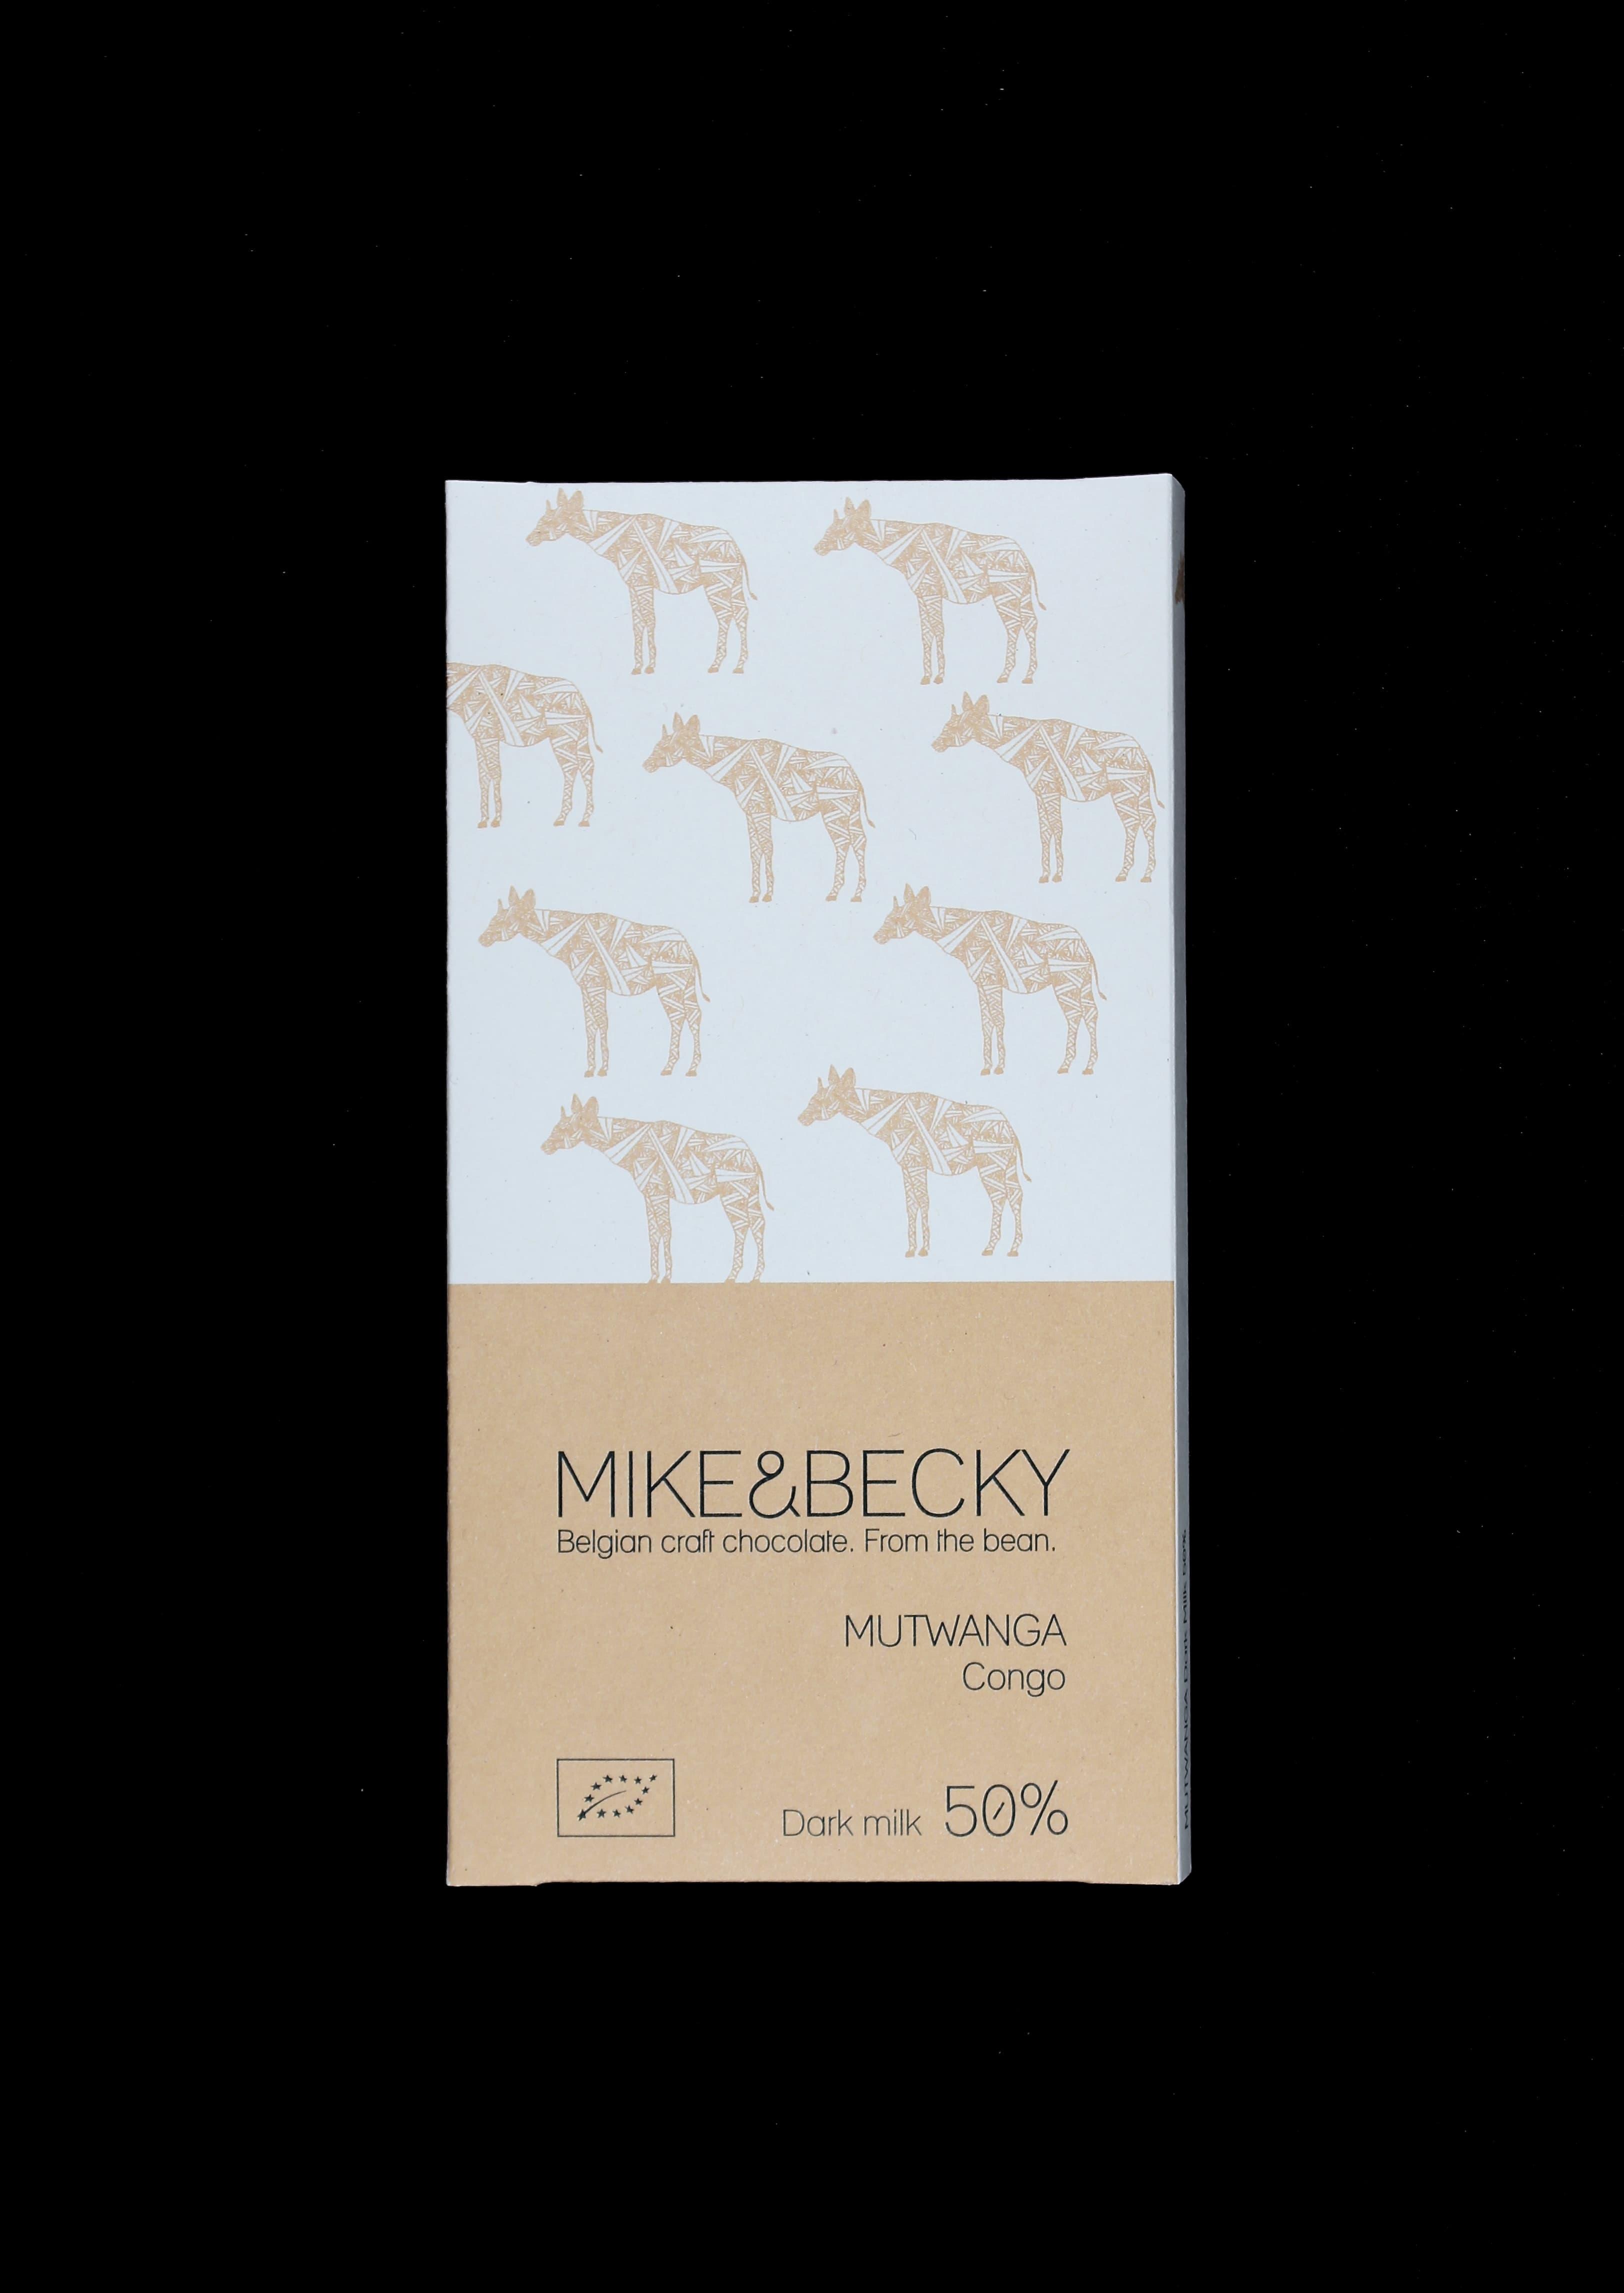 mike & becky mutwanga congo 50